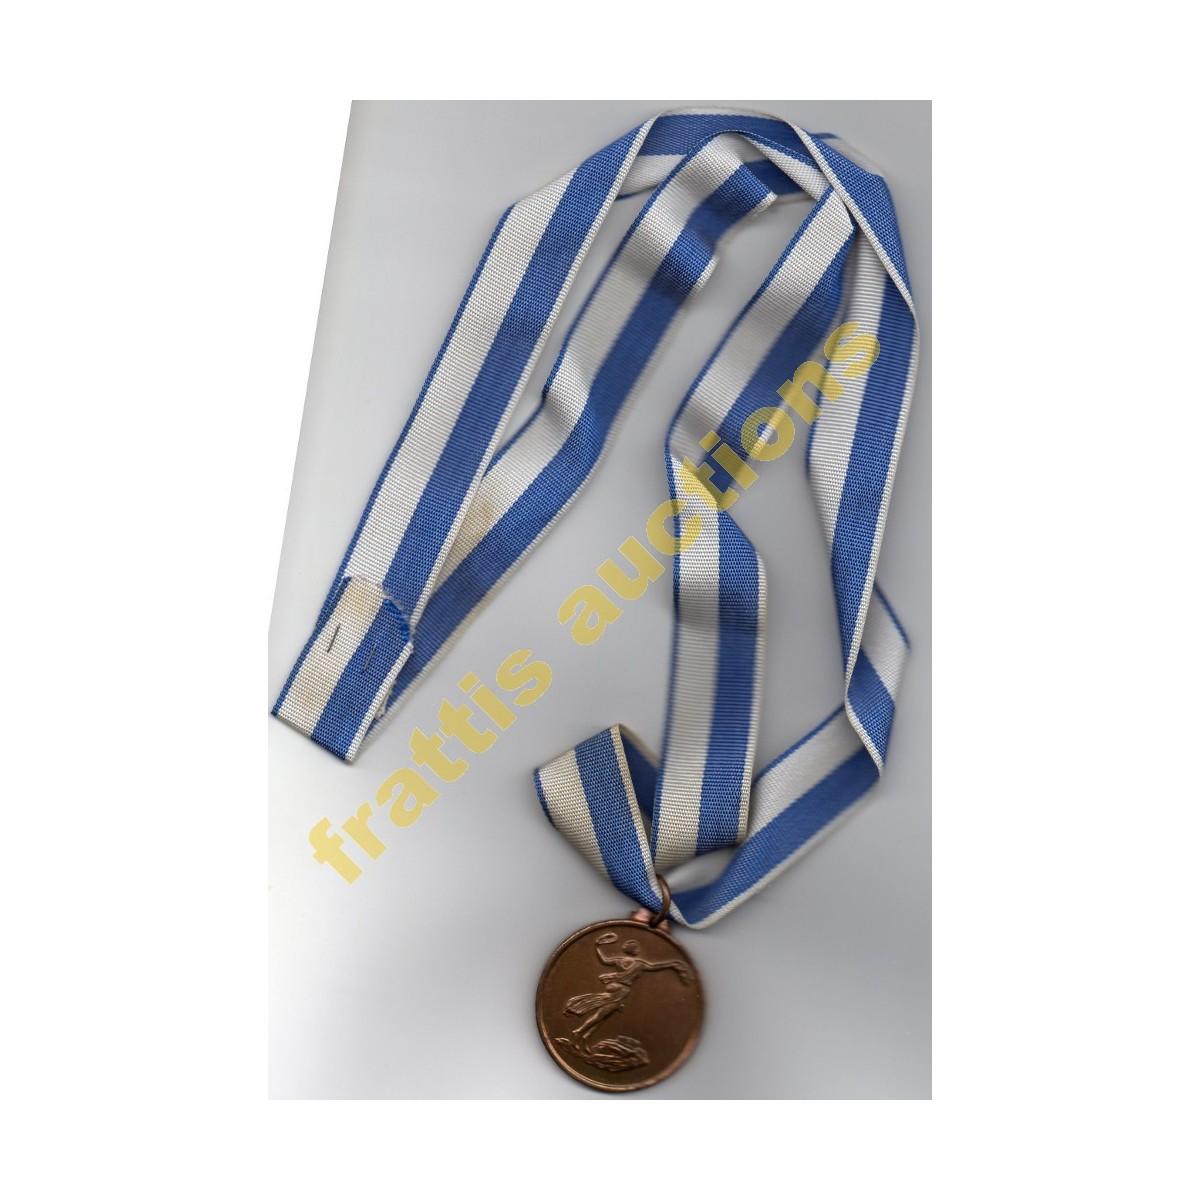 Μετάλιο Ο.Ν.Α. Δήμου Αθηναίων.